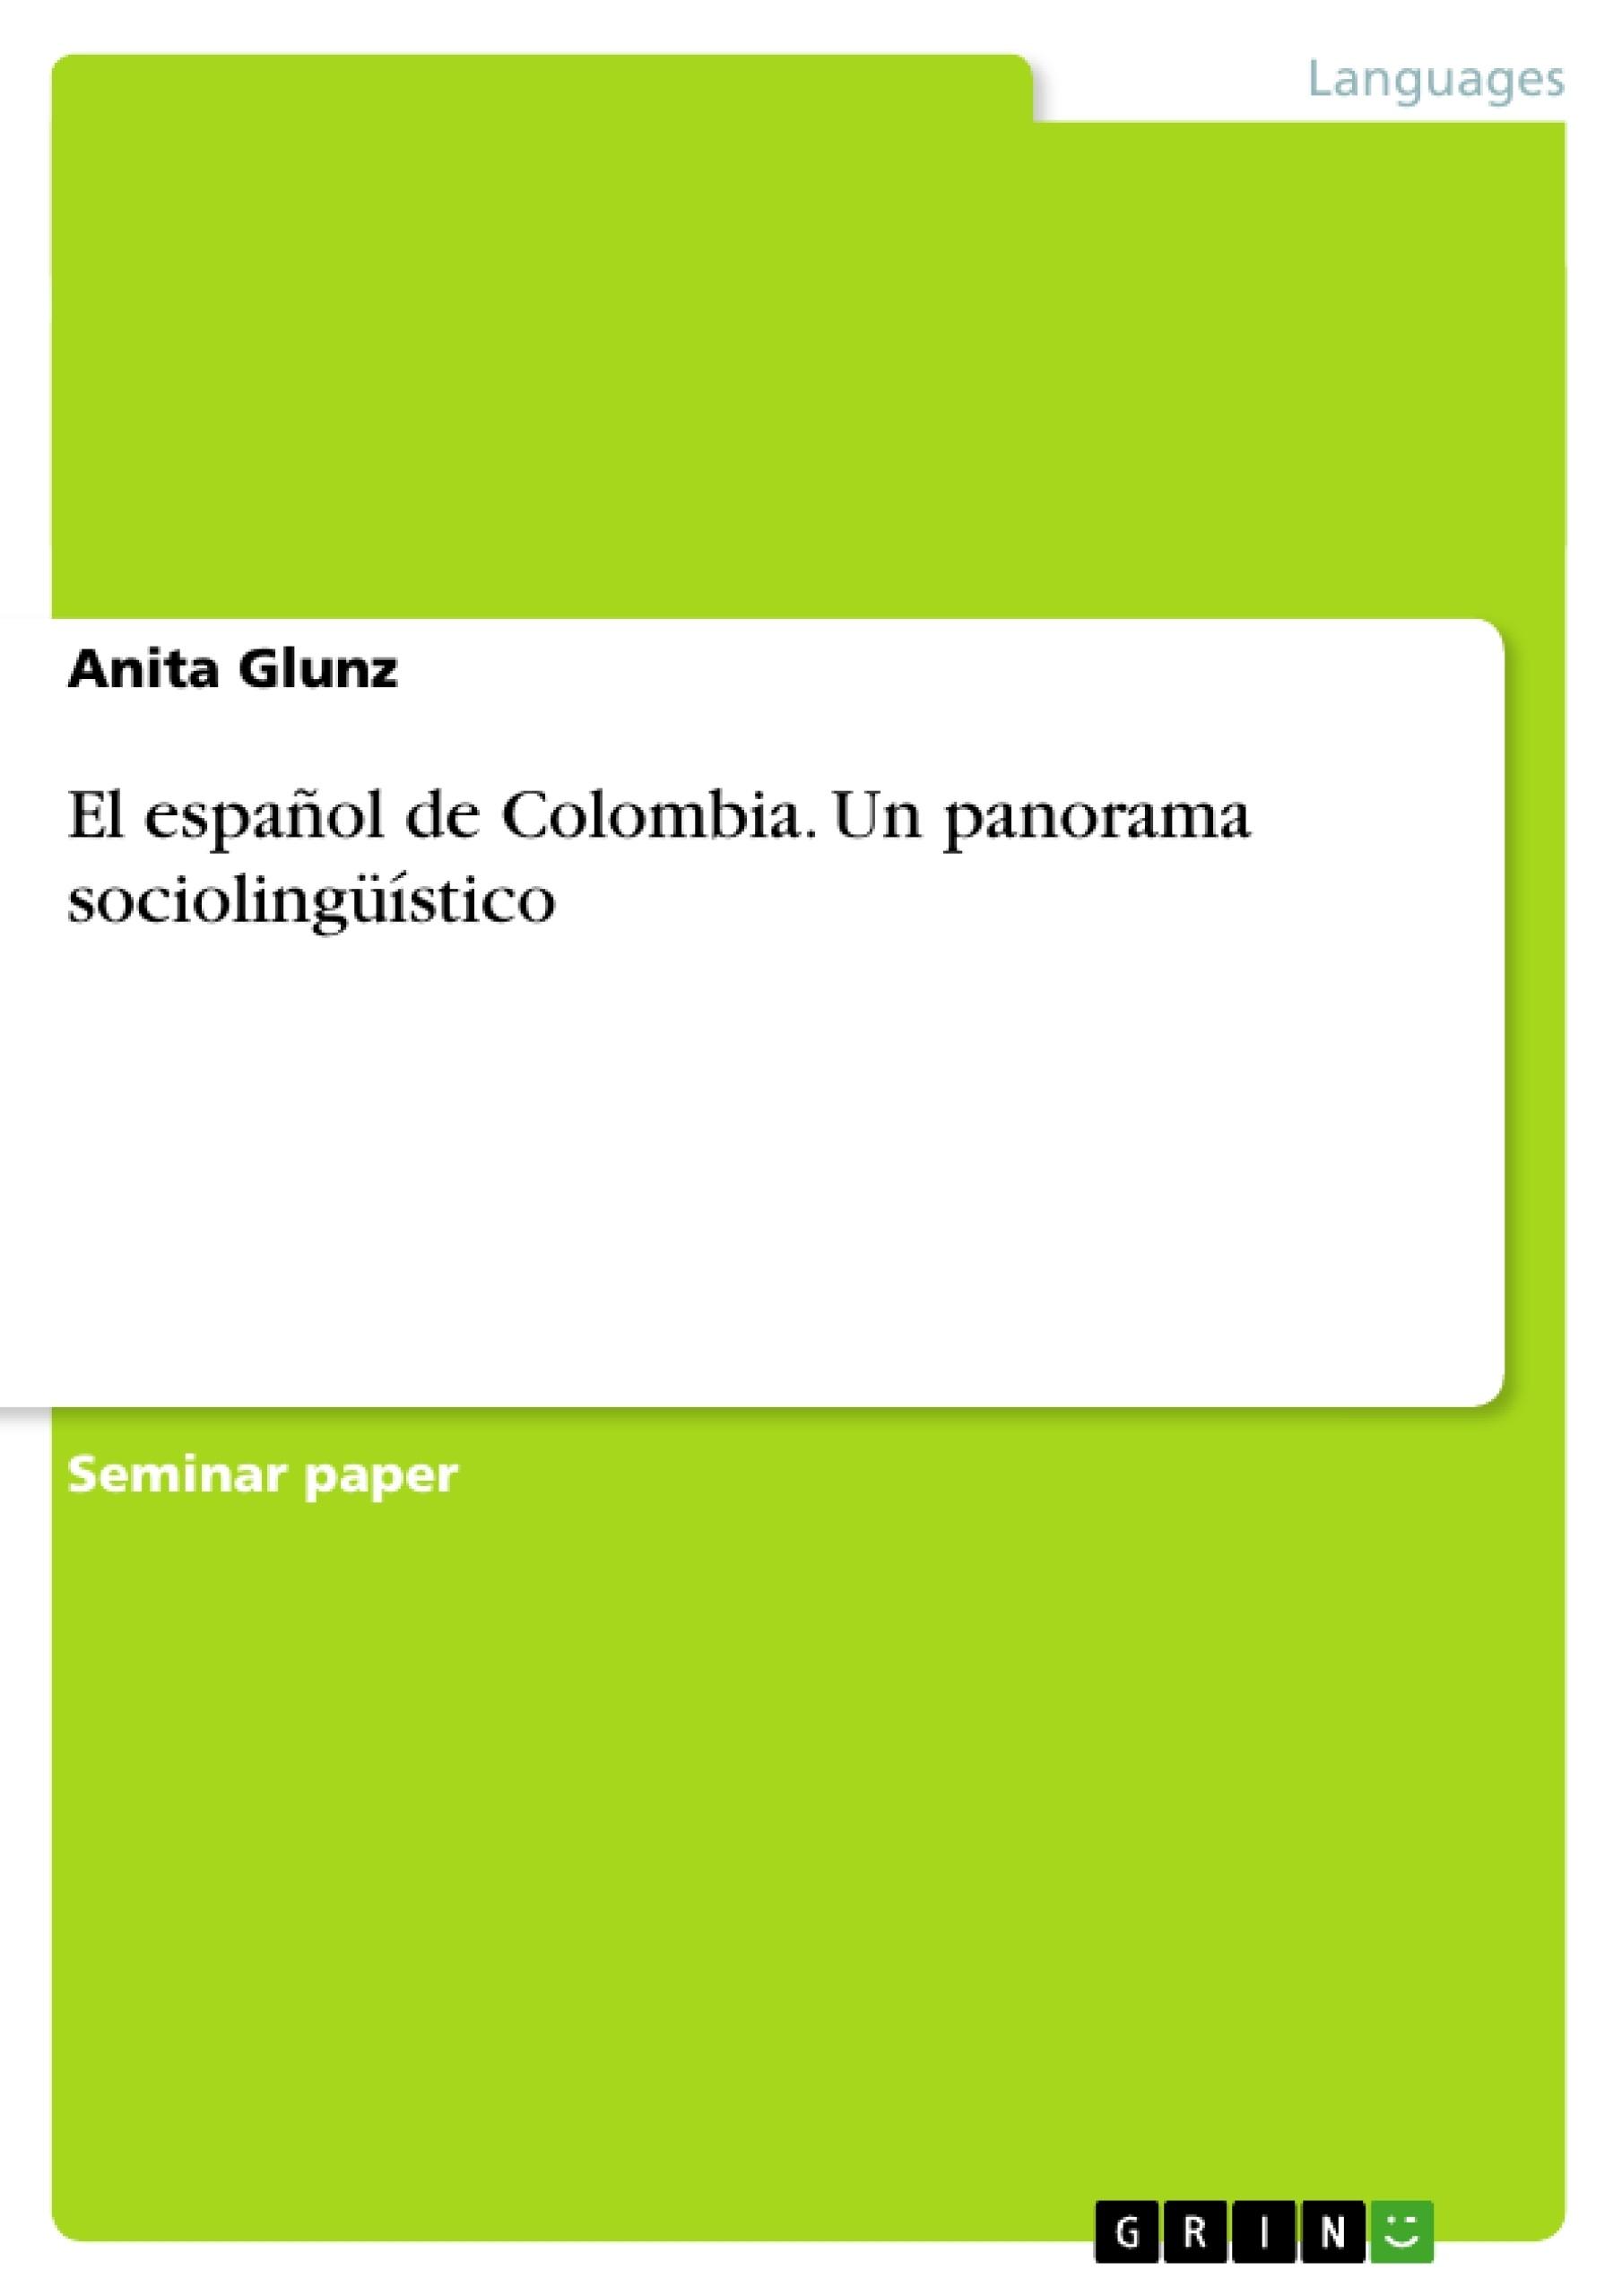 Título: El español de Colombia. Un panorama sociolingüístico